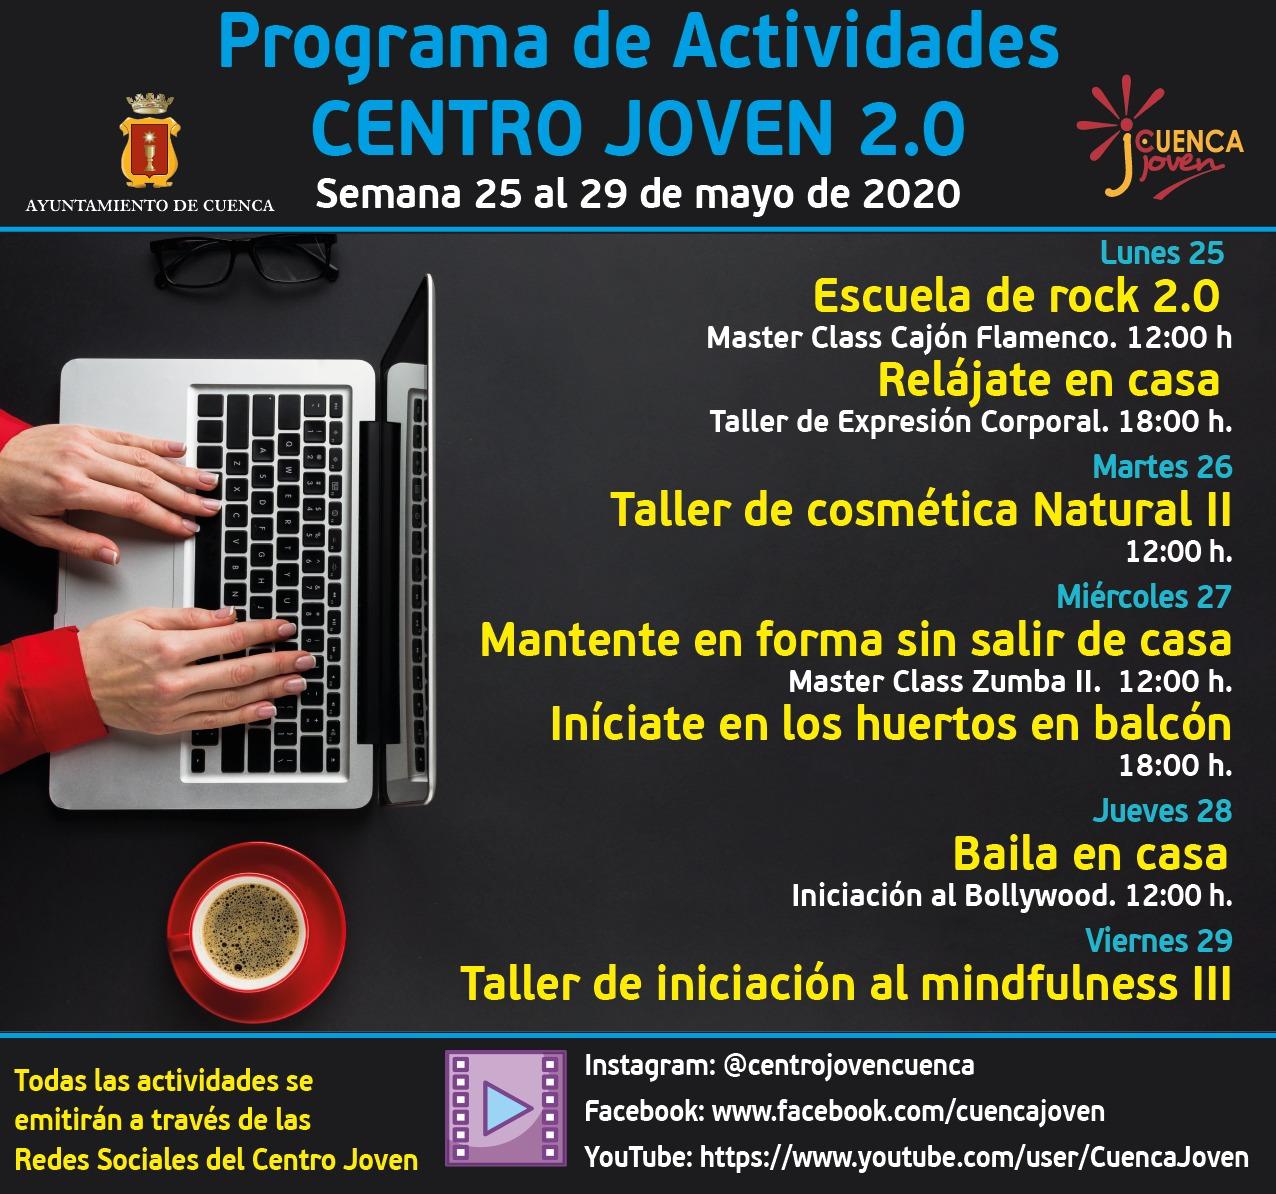 Semana del 25 al 29 de mayo Centro Joven 2.0